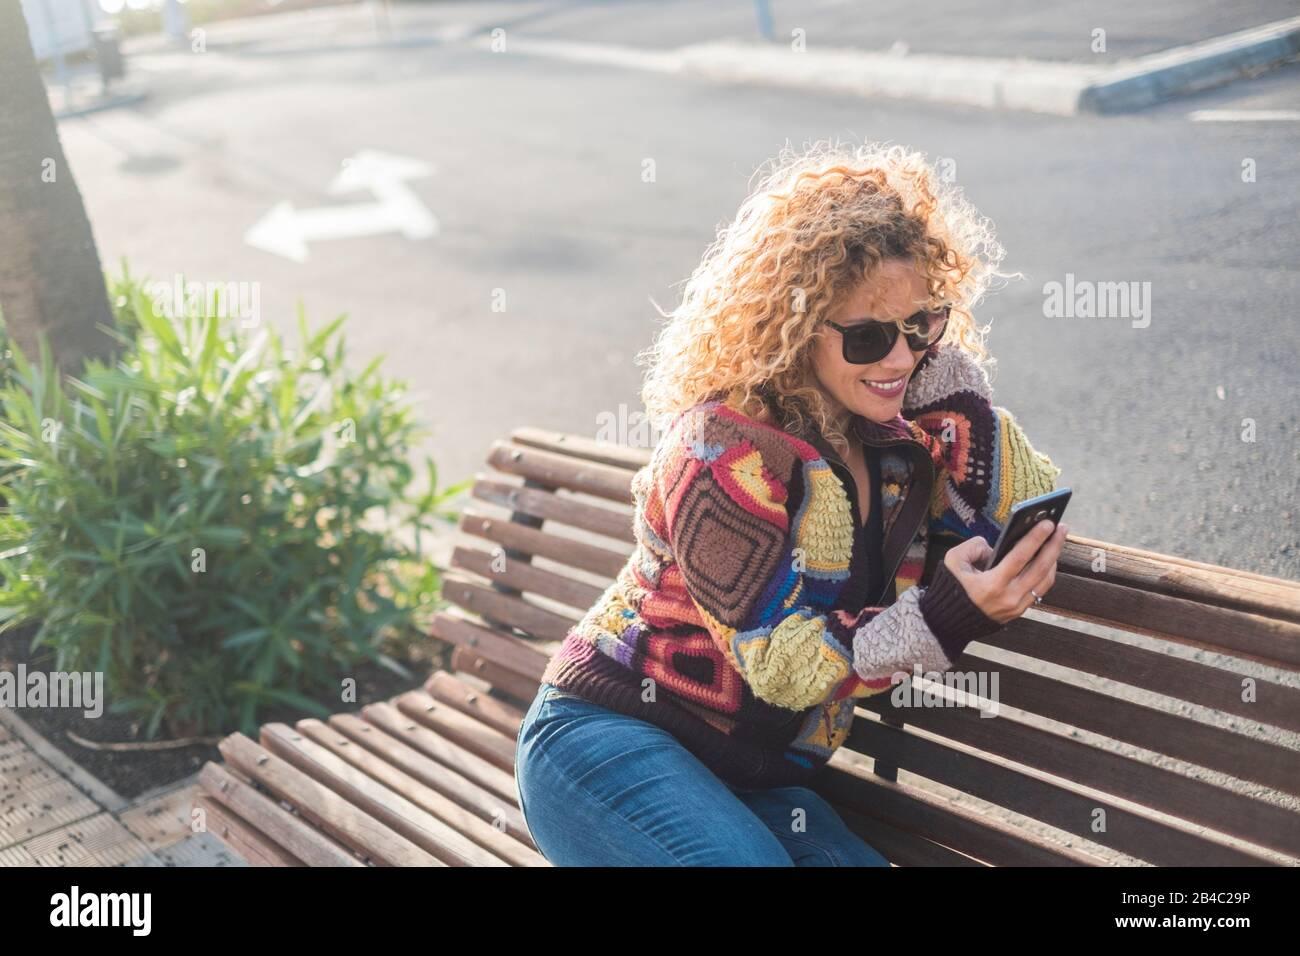 mujer sola en la calle sentada en un banco del parque usando su teléfono y sonriendo en él - concepto de estilo de vida en línea - rizado rubio hermosa chica con la tecnología de dispositivo a. permanezca conectado con la gente Foto de stock